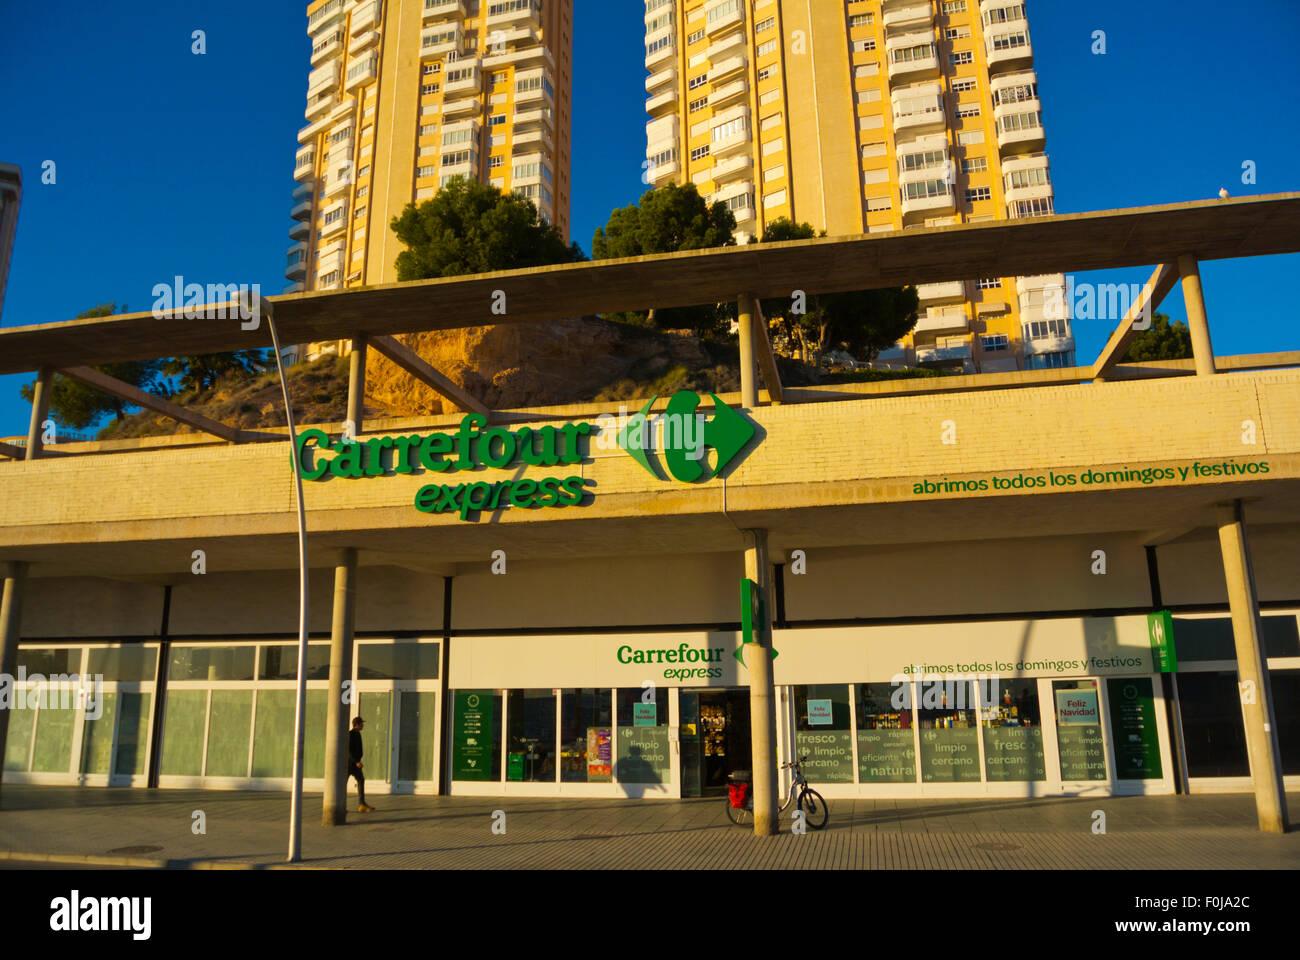 Pergolas de aluminio carrefour carrefour promotion pergola patio murale acier produit pergolas - Carrefour pergolas jardin ...